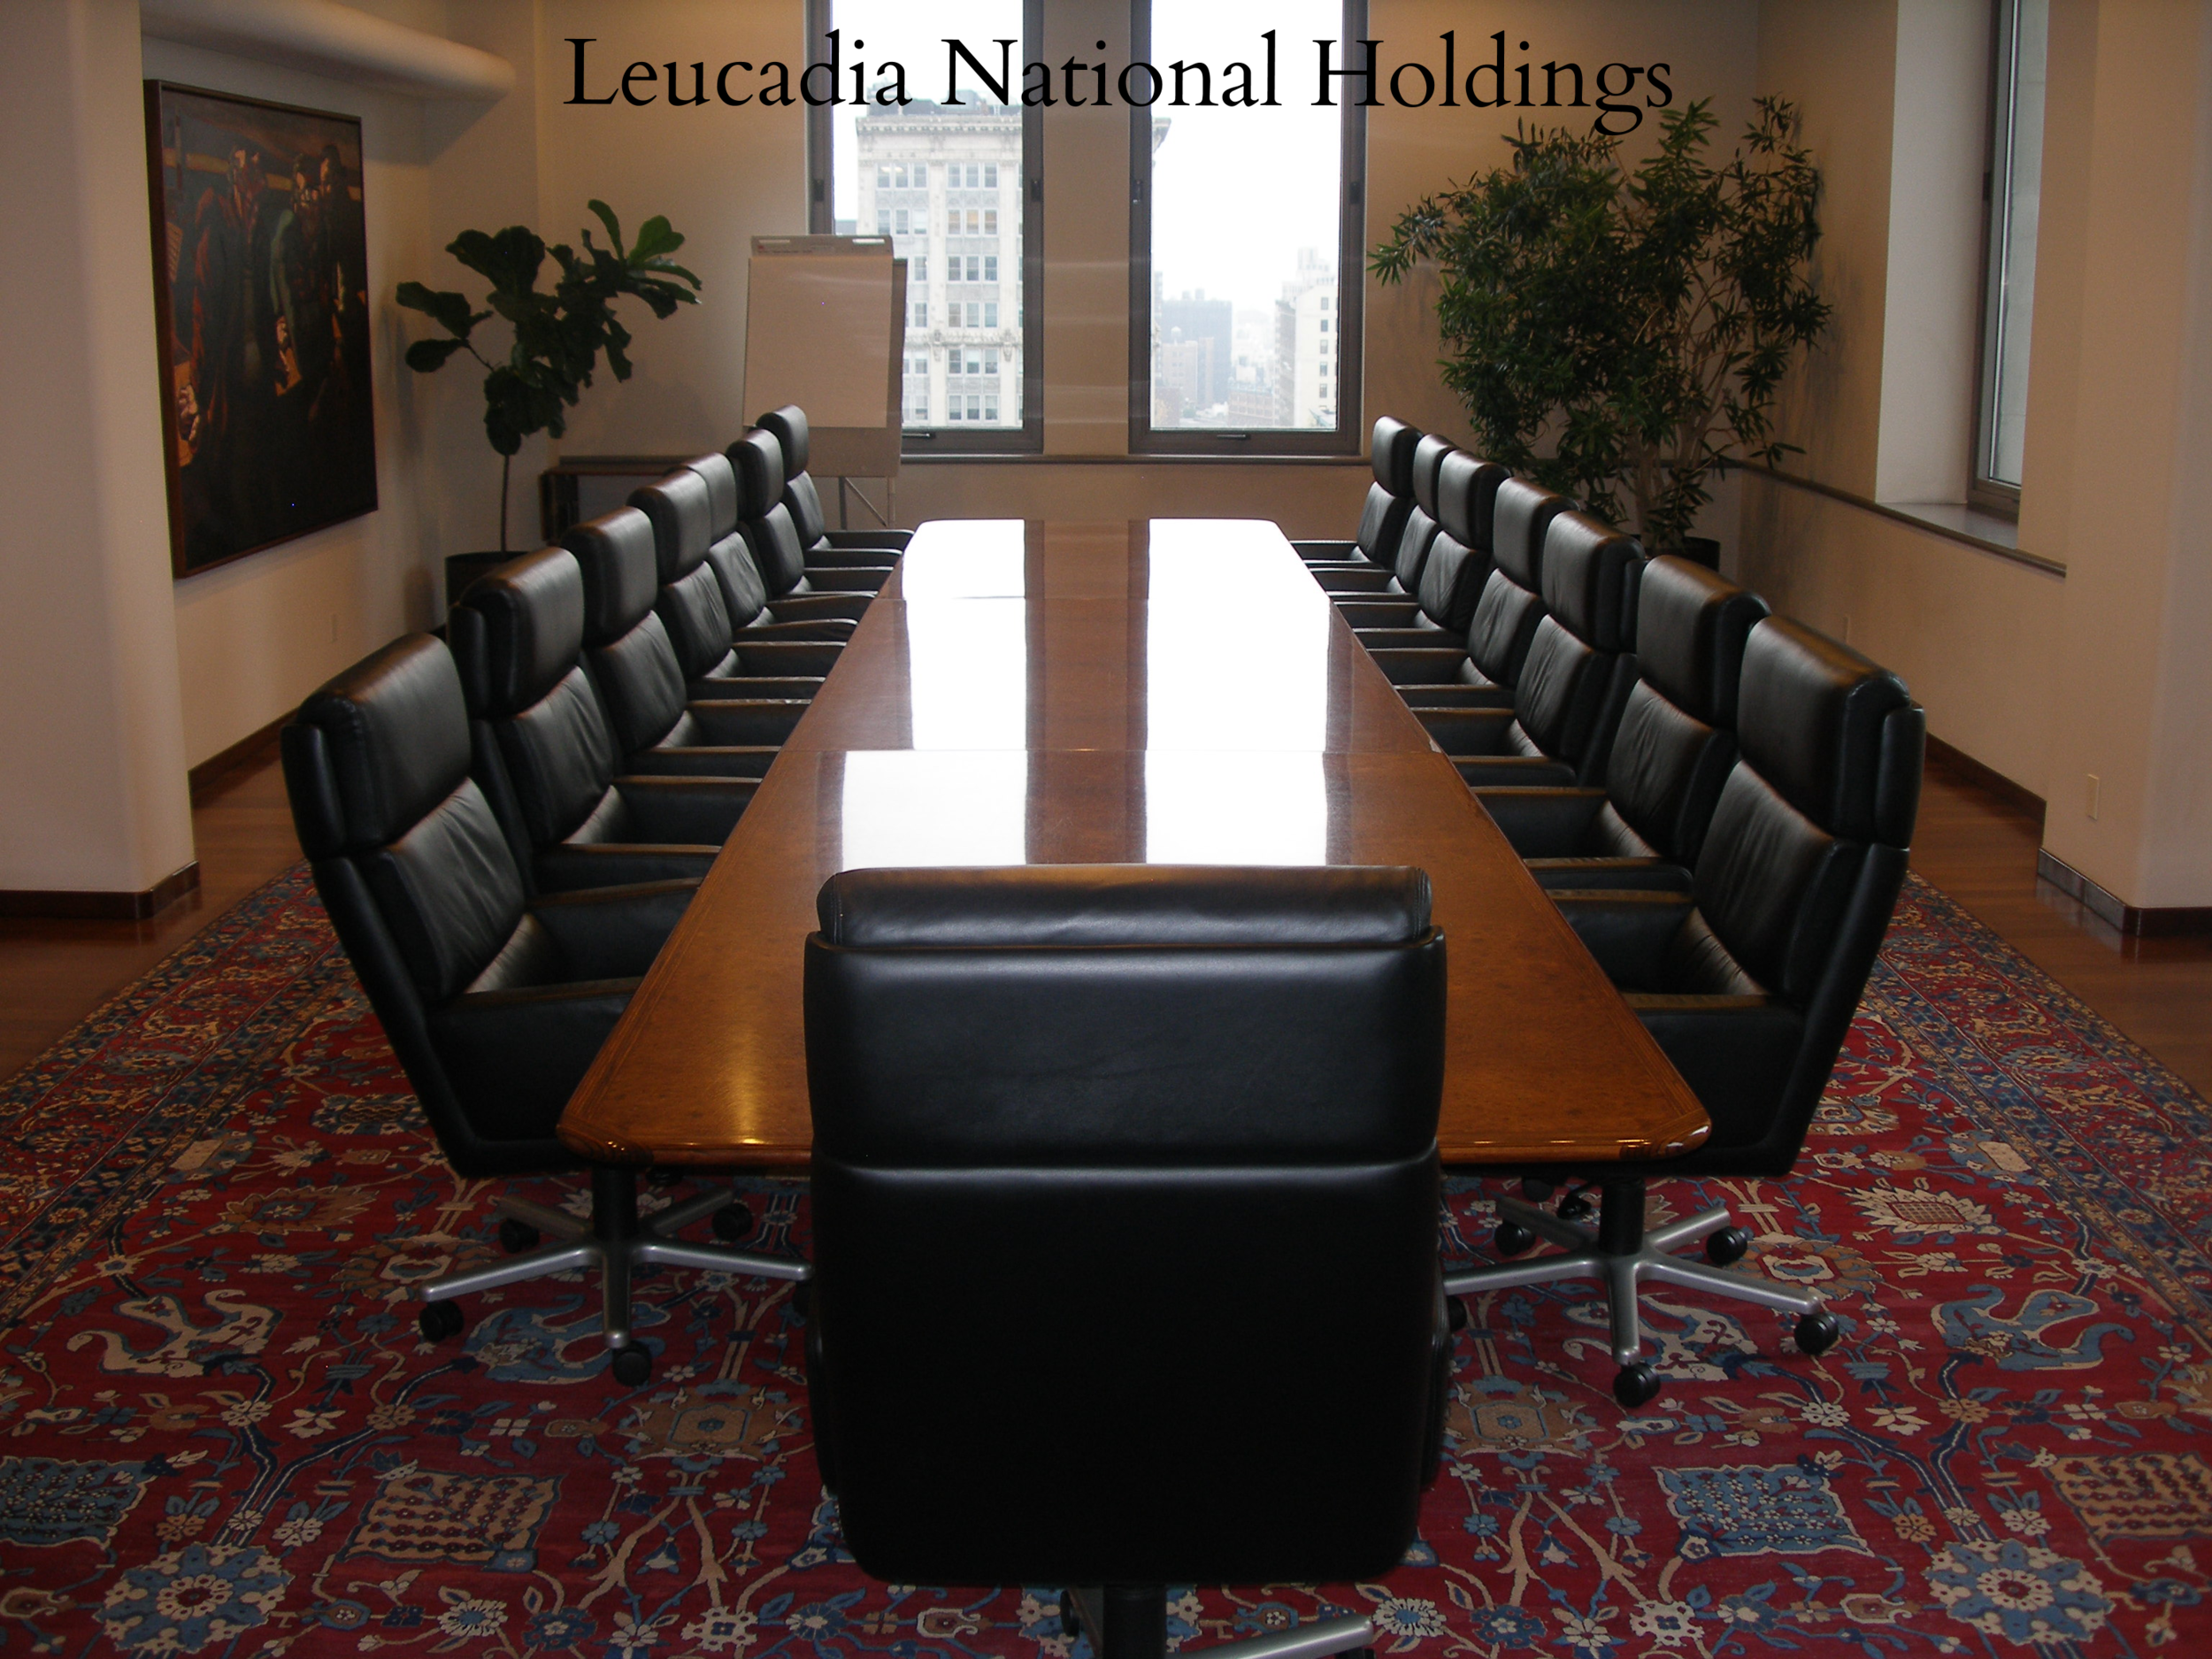 leucadia board room.JPG